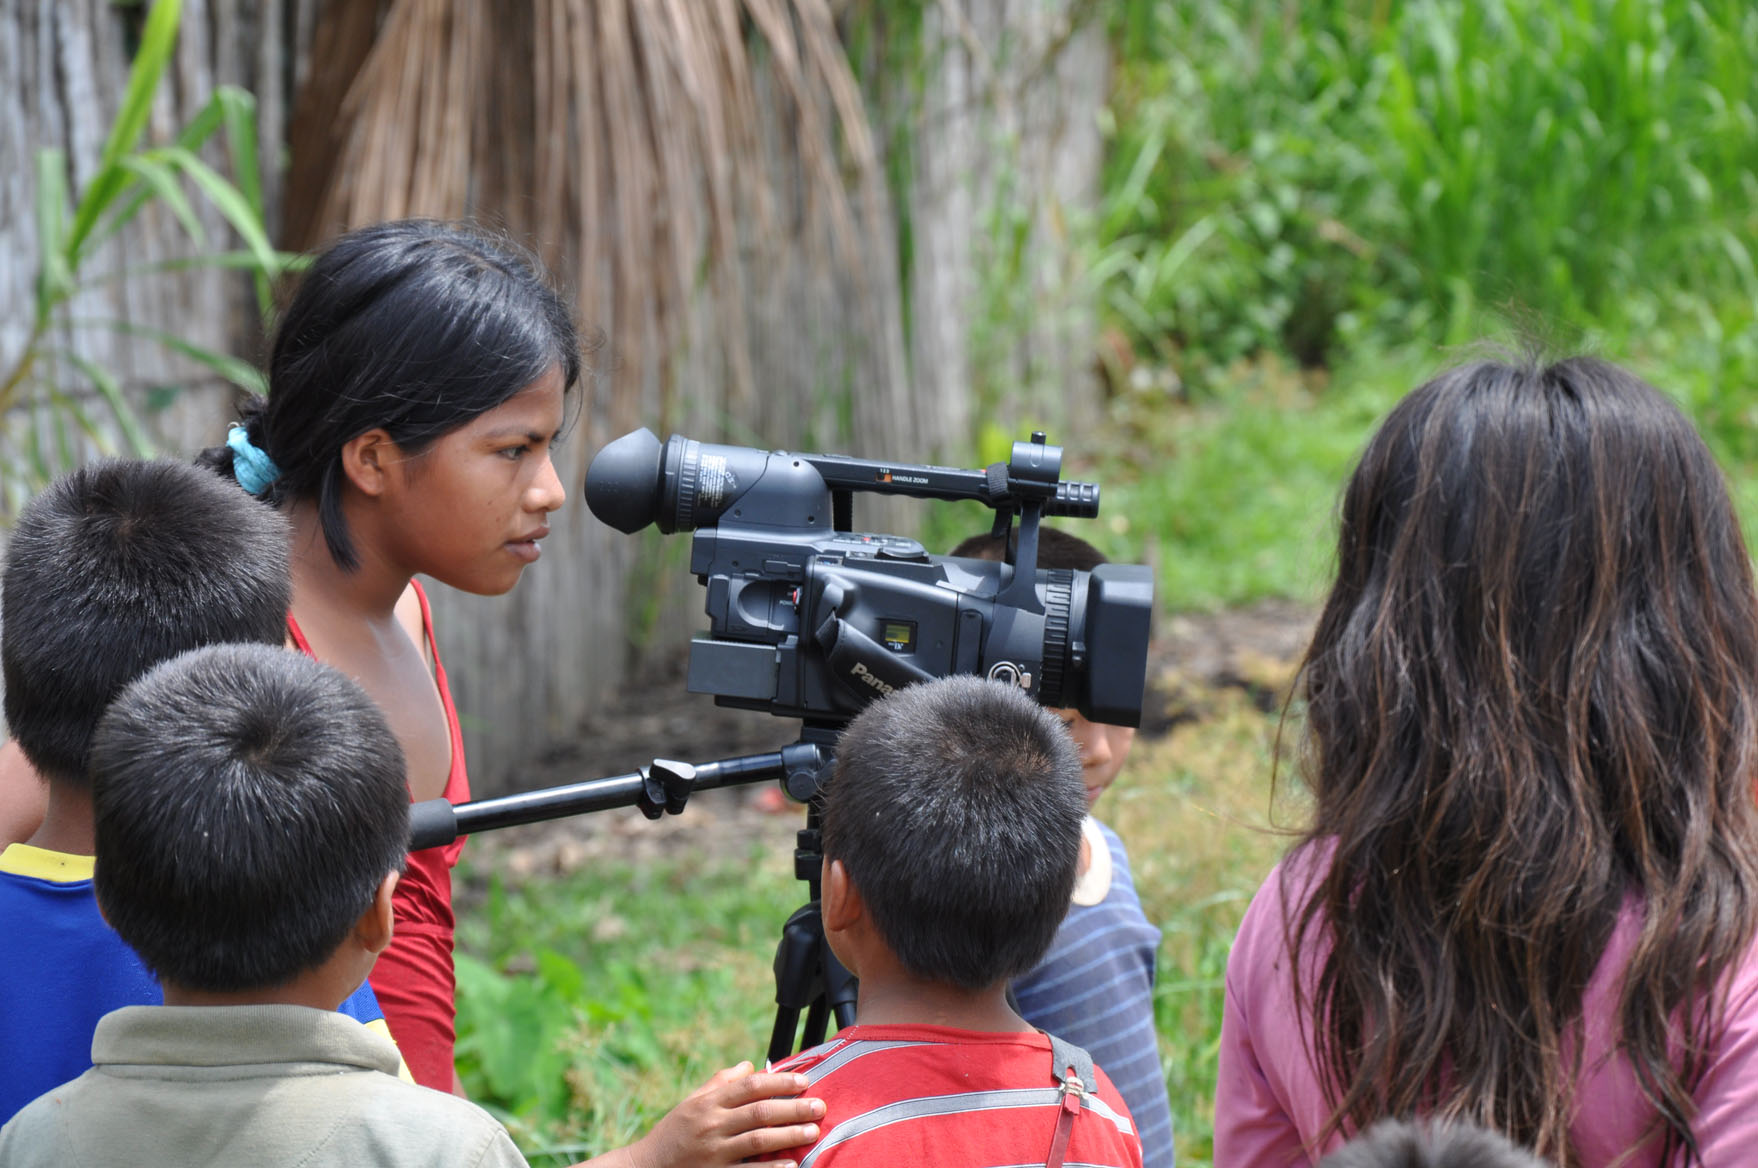 Conozca 7 películas esenciales para entender la problemática indígena en Latinoamérica